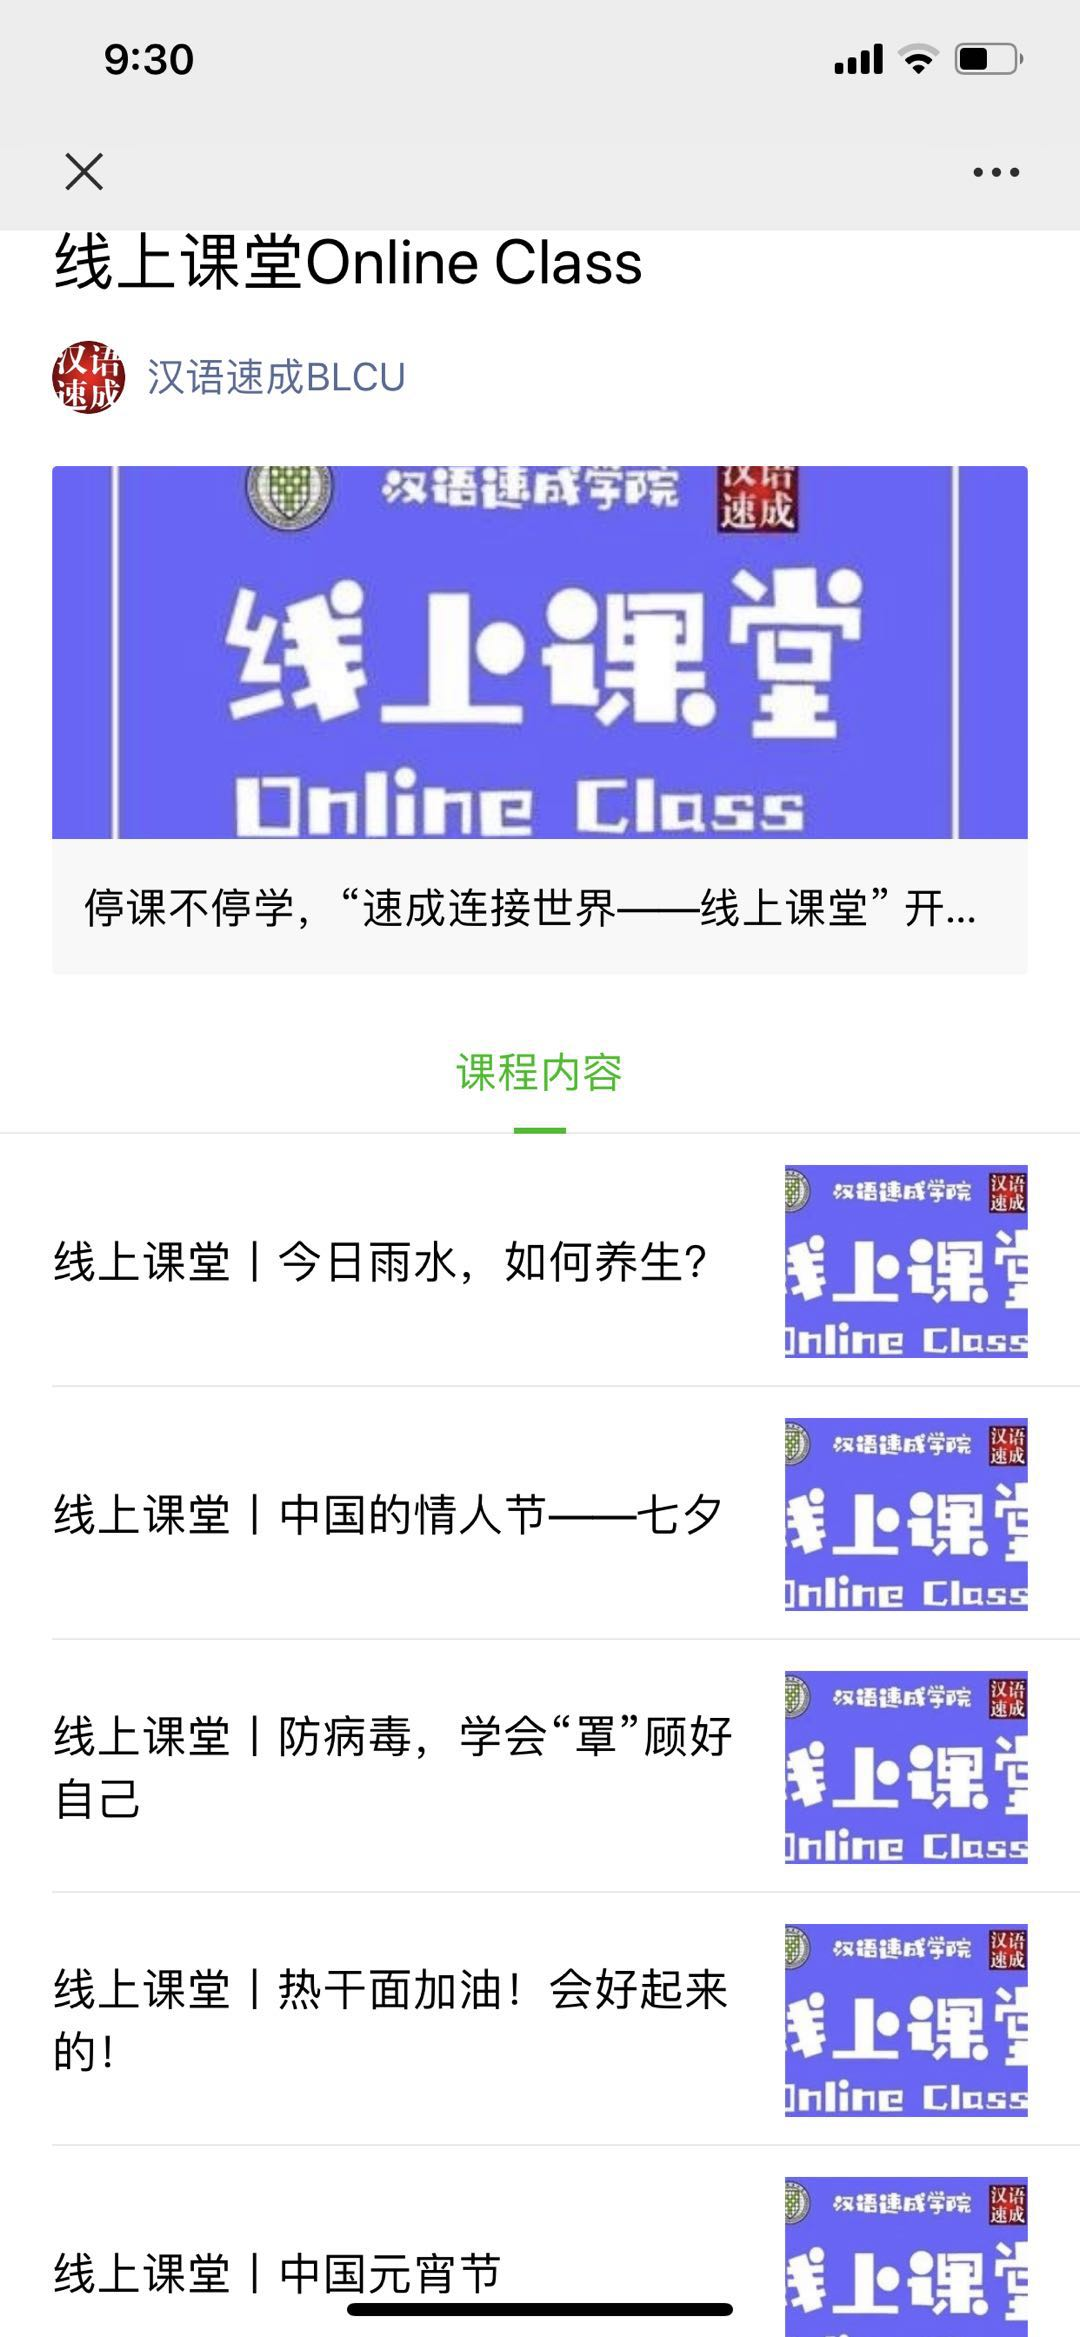 """【抗击疫情】汉语速成学院:精心打造""""速成连接世界——线上课堂"""""""